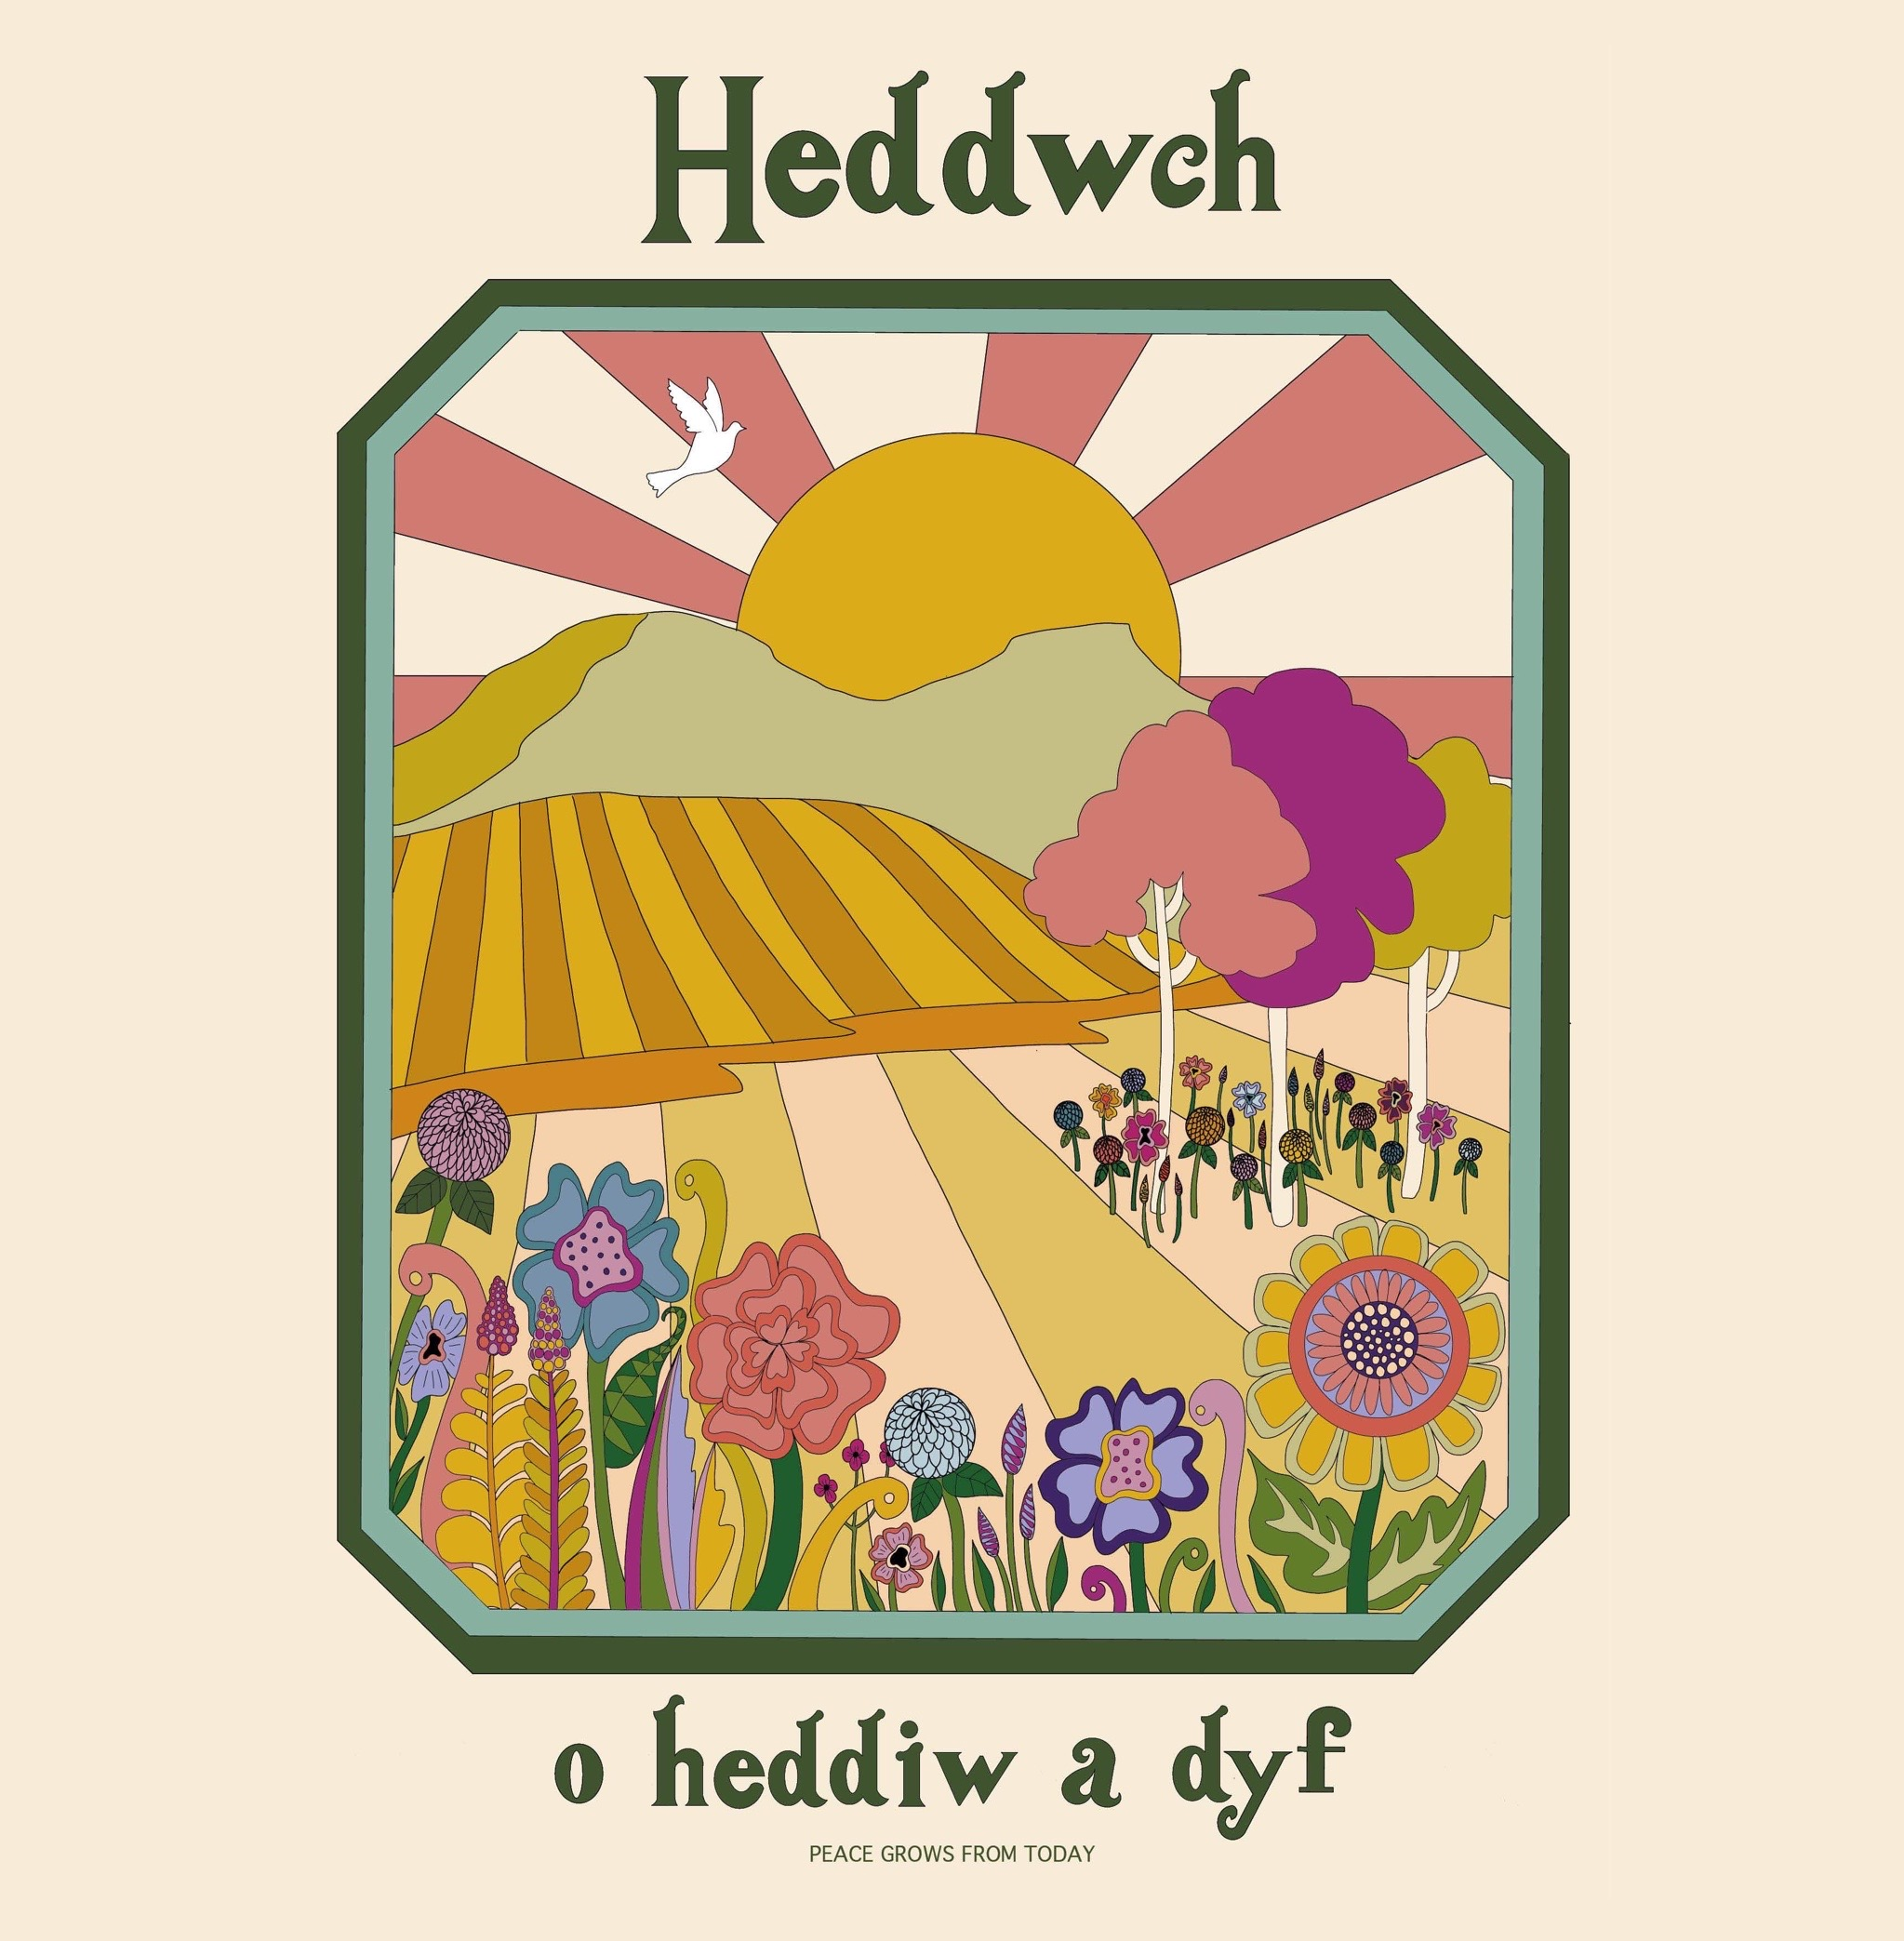 Heddwch o heddiw a dyf